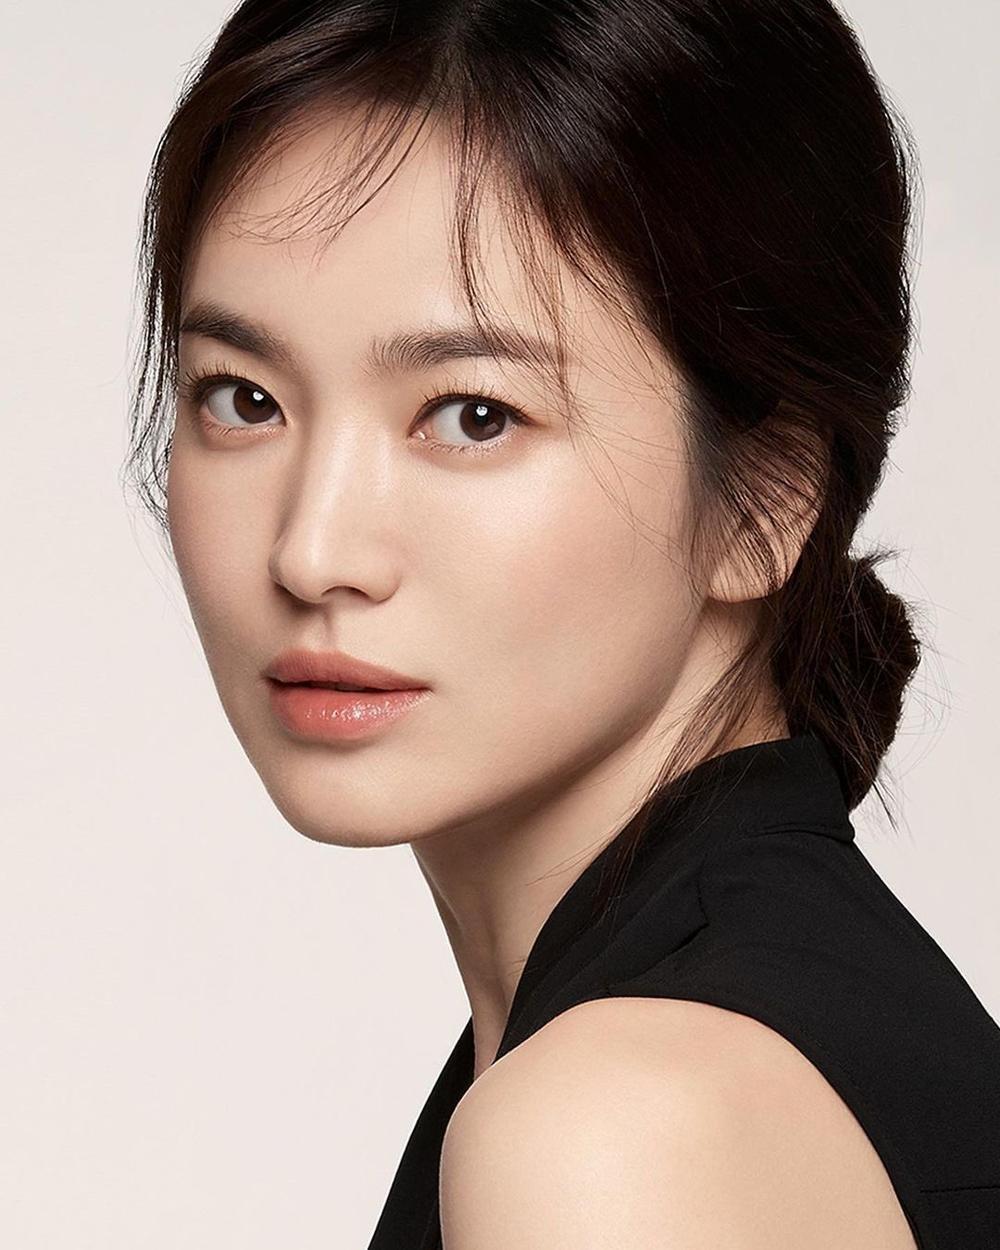 'Vợ chồng' Song Hye Kyo - Song Joong Ki khoe sắc trên MXH: Đẹp đến choáng ngợp! Ảnh 5